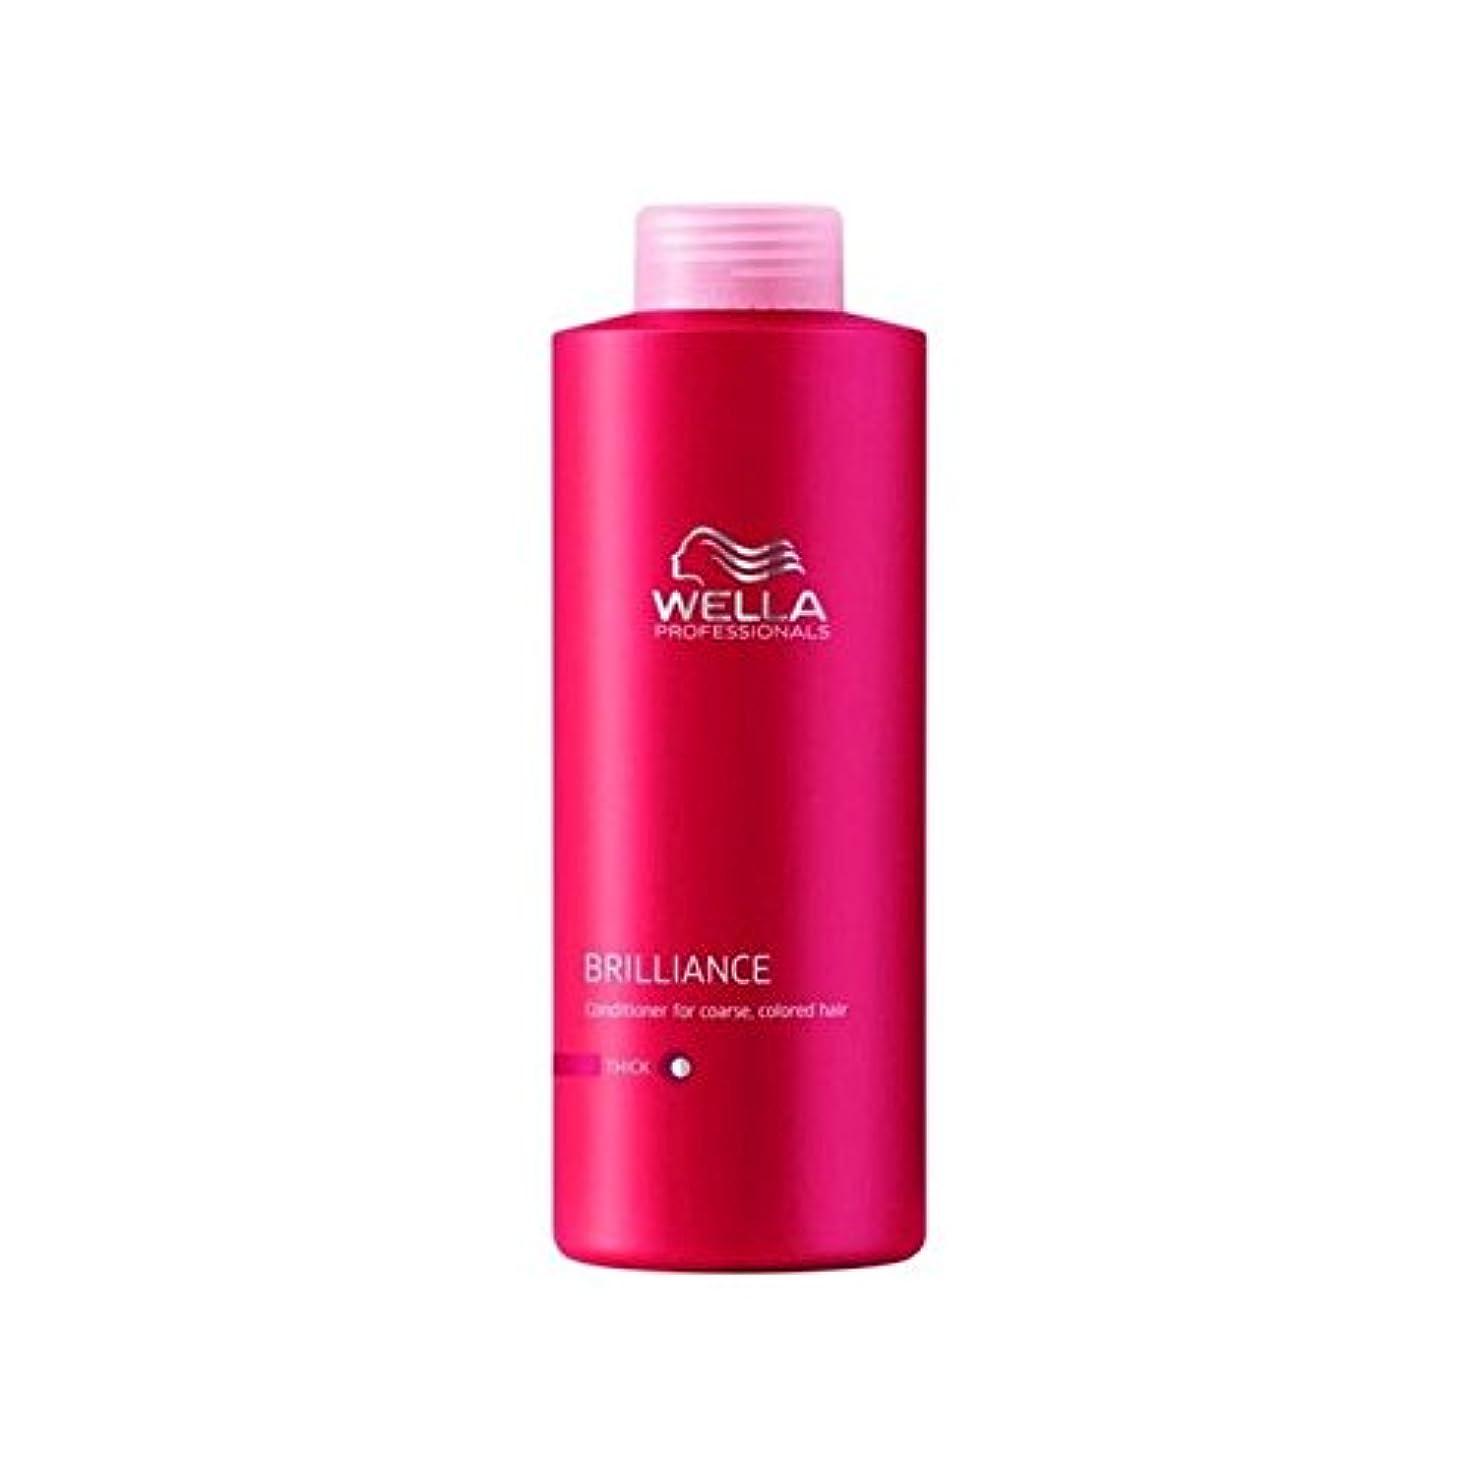 ベッド徒歩でマイナスウェラの専門家は粗いコンディショナー(千ミリリットル)をブリリアンス x4 - Wella Professionals Brilliance Coarse Conditioner (1000ml) (Pack of 4)...